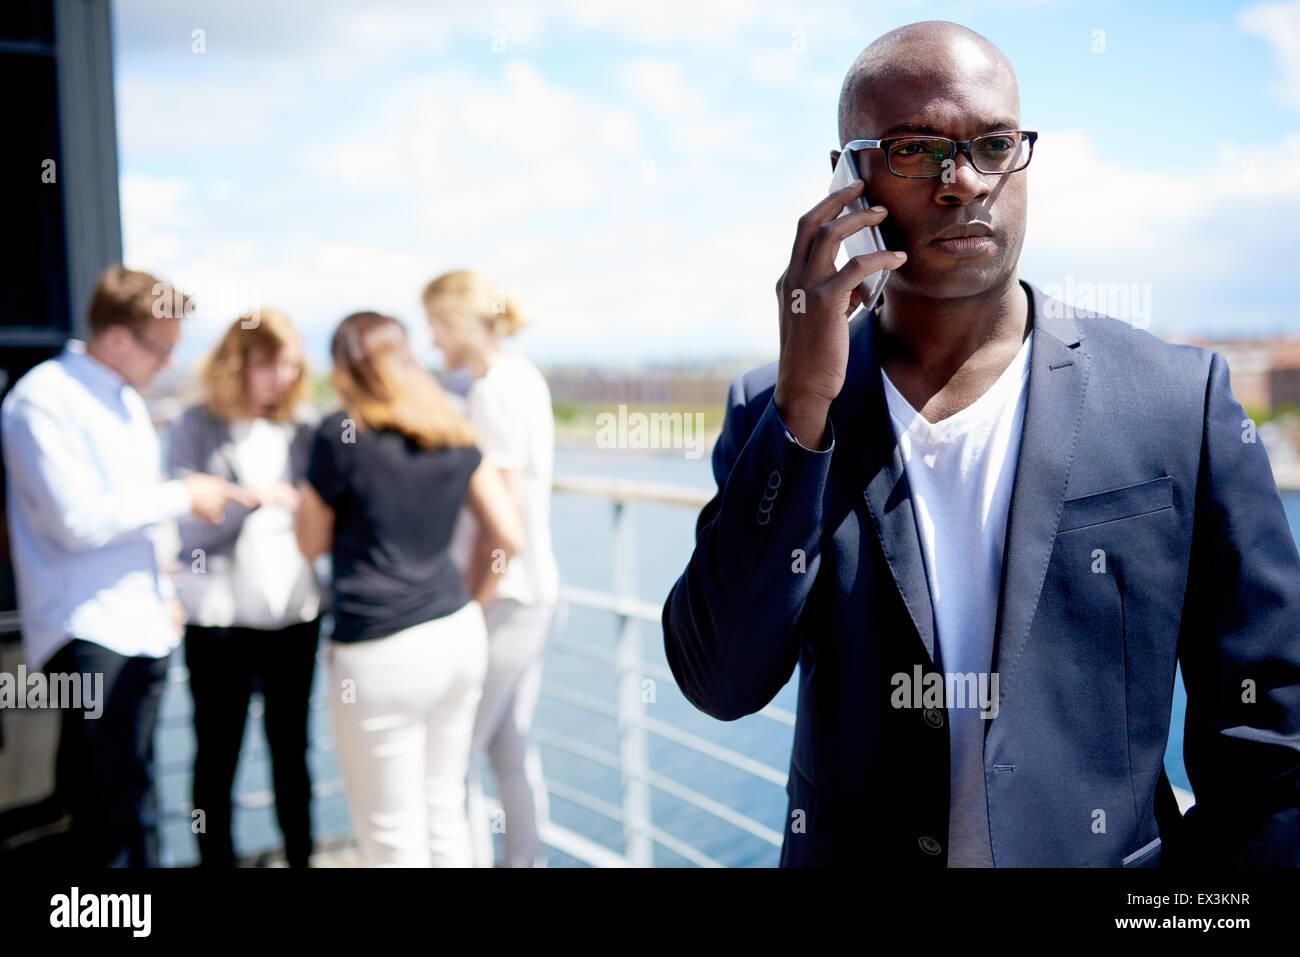 Maschio nero executive sul cellulare con i colleghi riuniti in background Immagini Stock